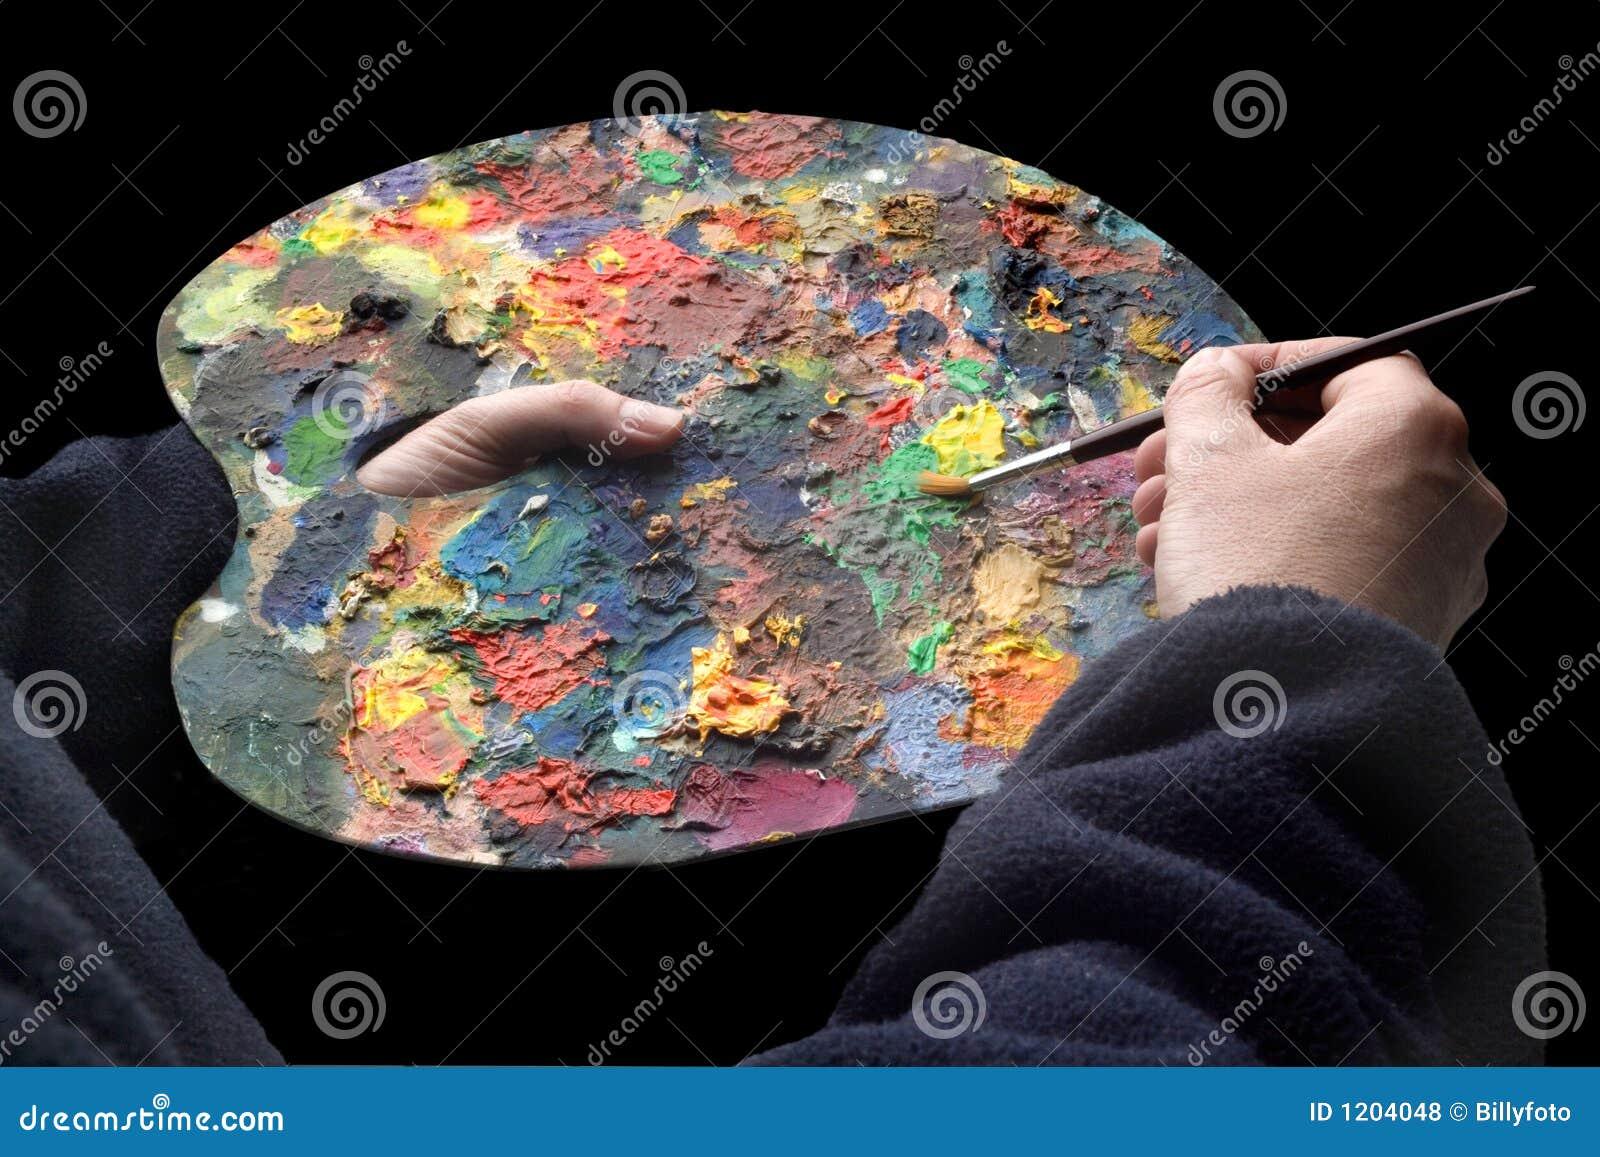 Painters pallet